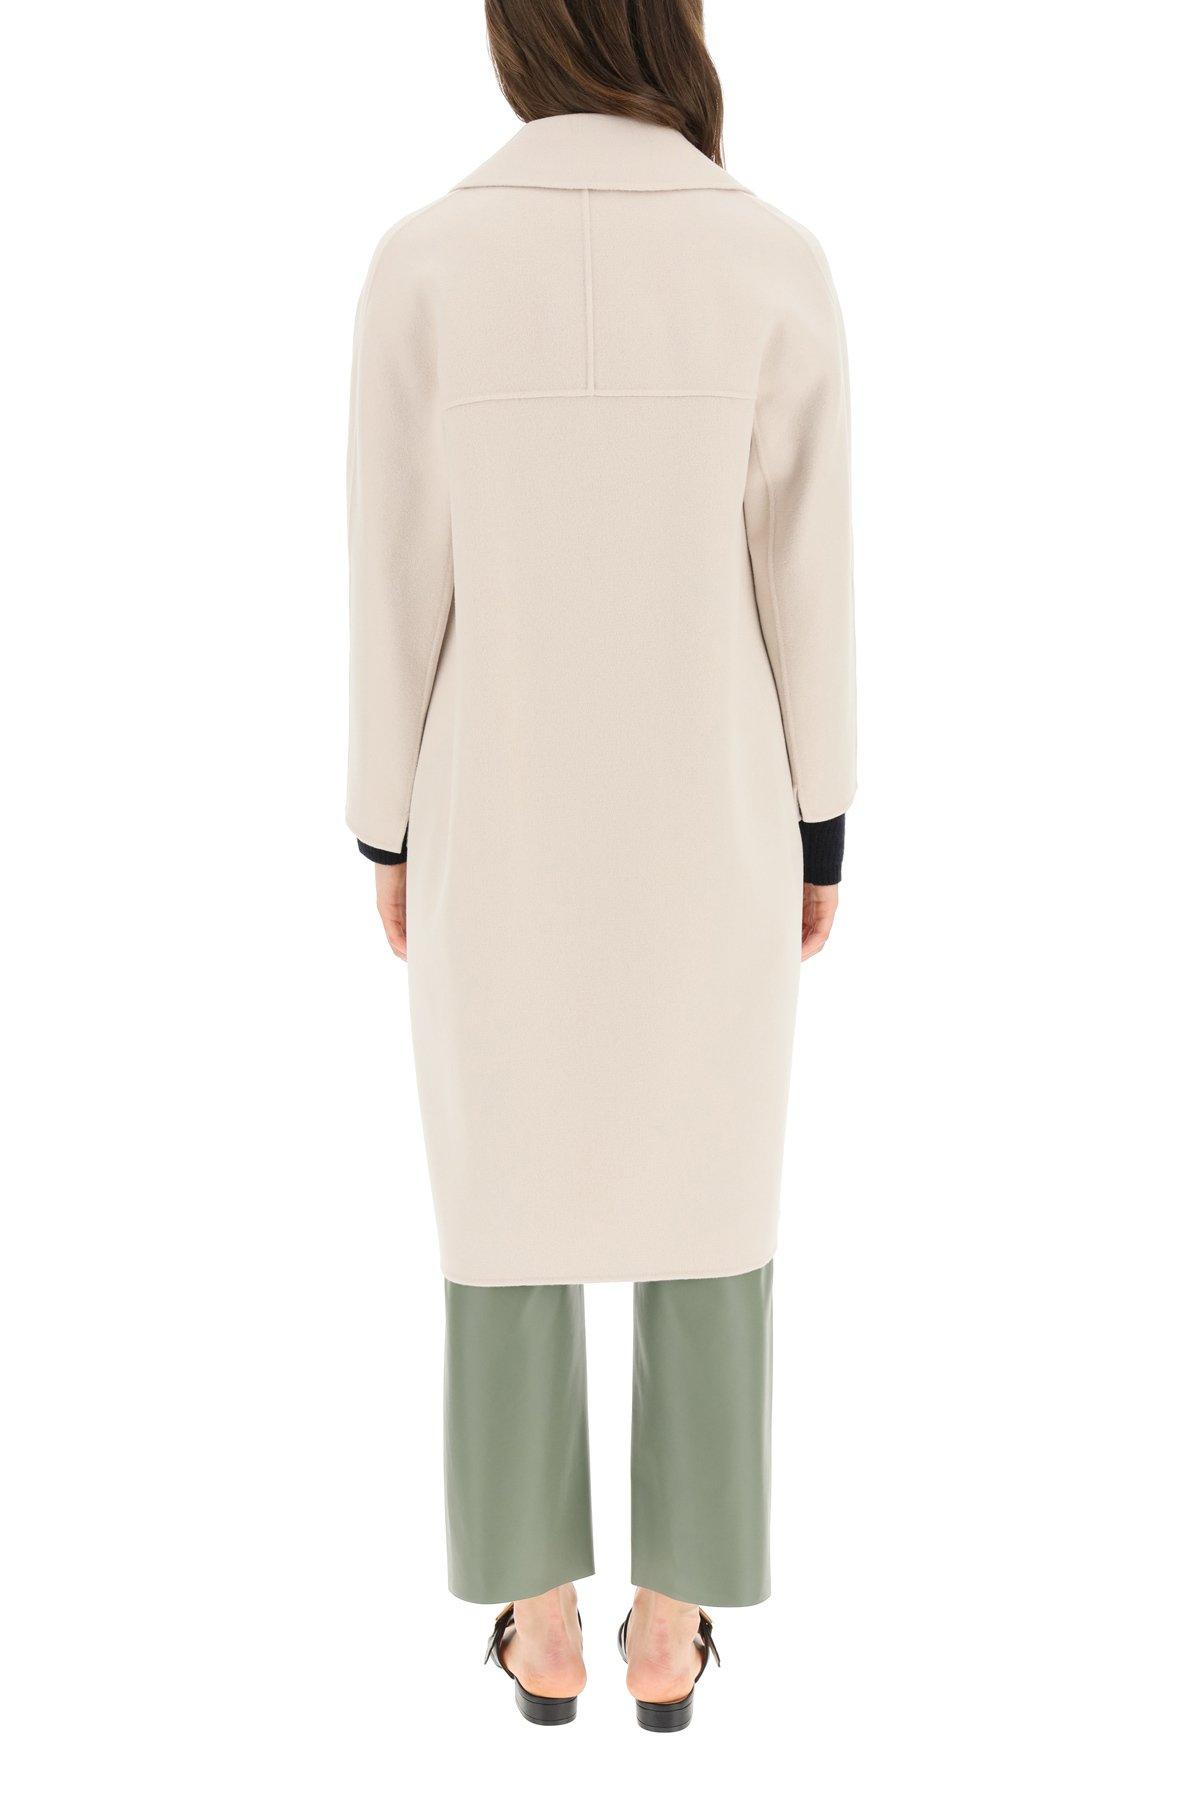 's max mara cappotto reame in lana vergine